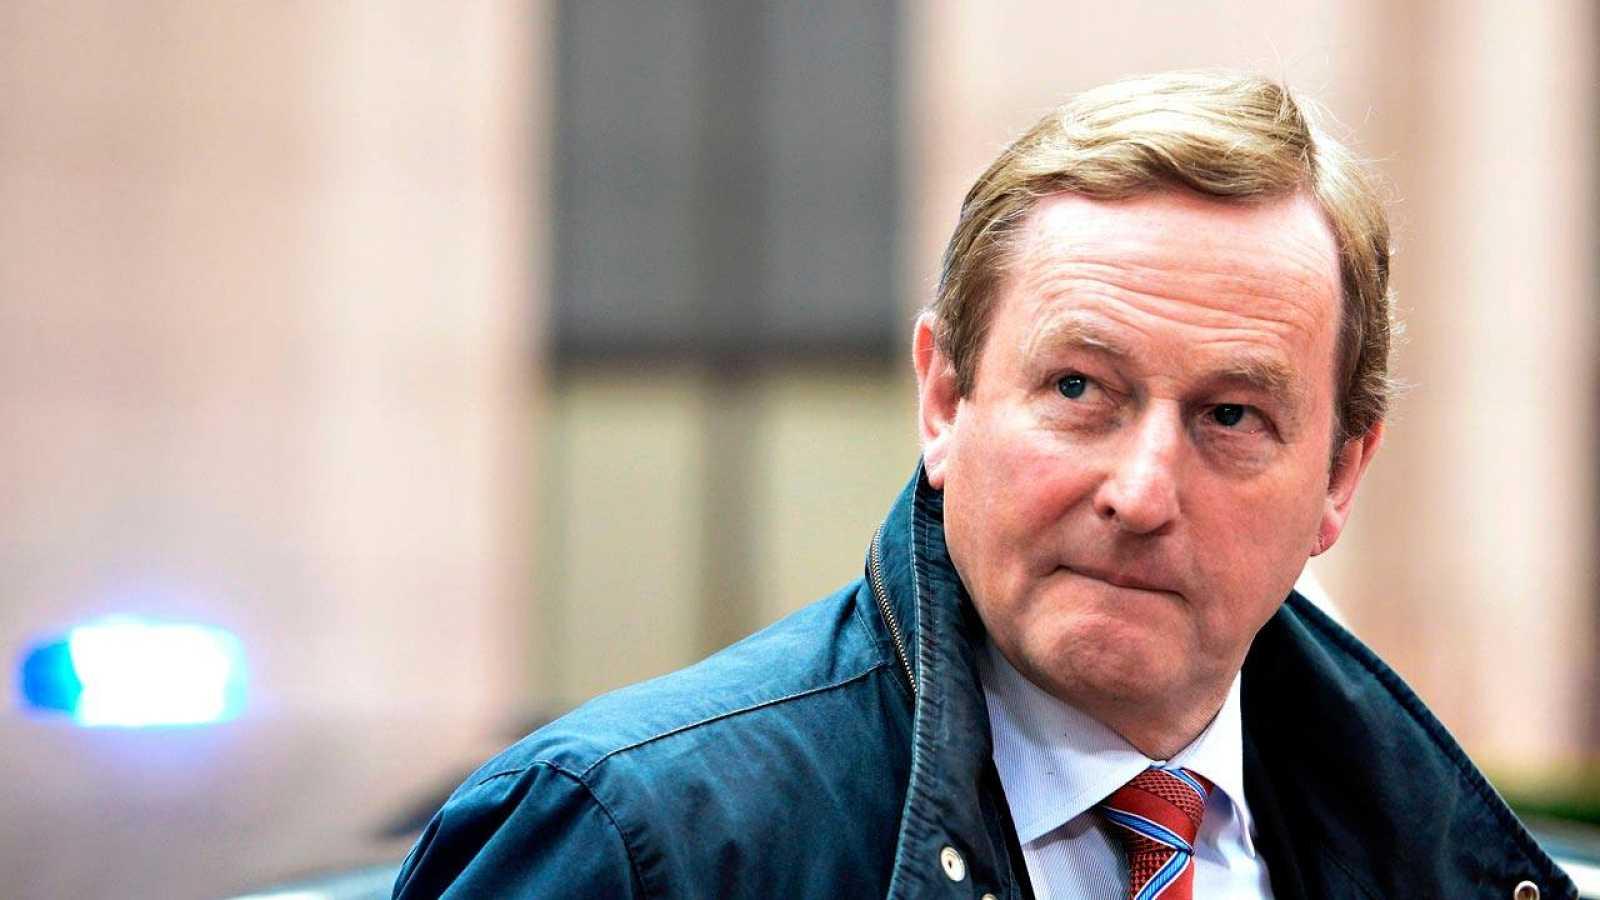 El primer ministro en funciones de Irlanda, Enda Kenny